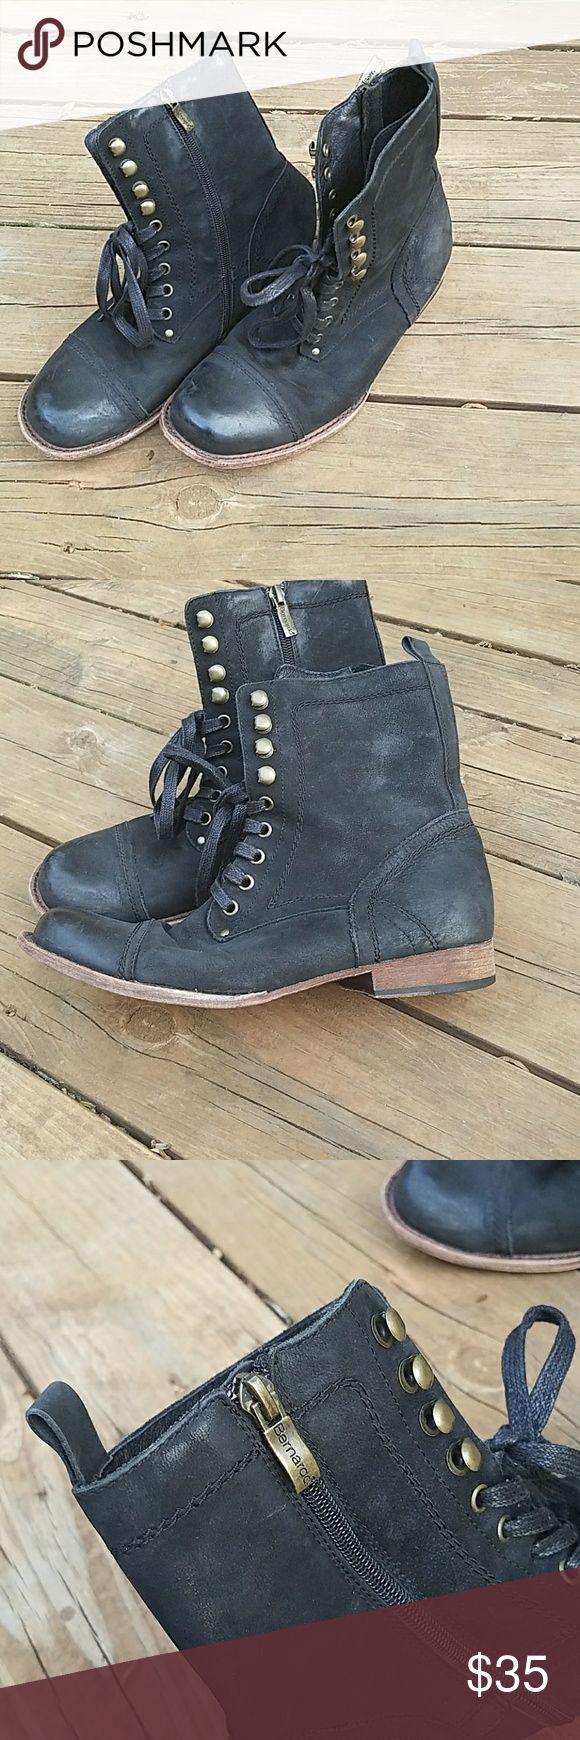 Bernardo lace up black moto boots Bernardo lace up black moto boots Bernardo Shoes Lace Up Boots